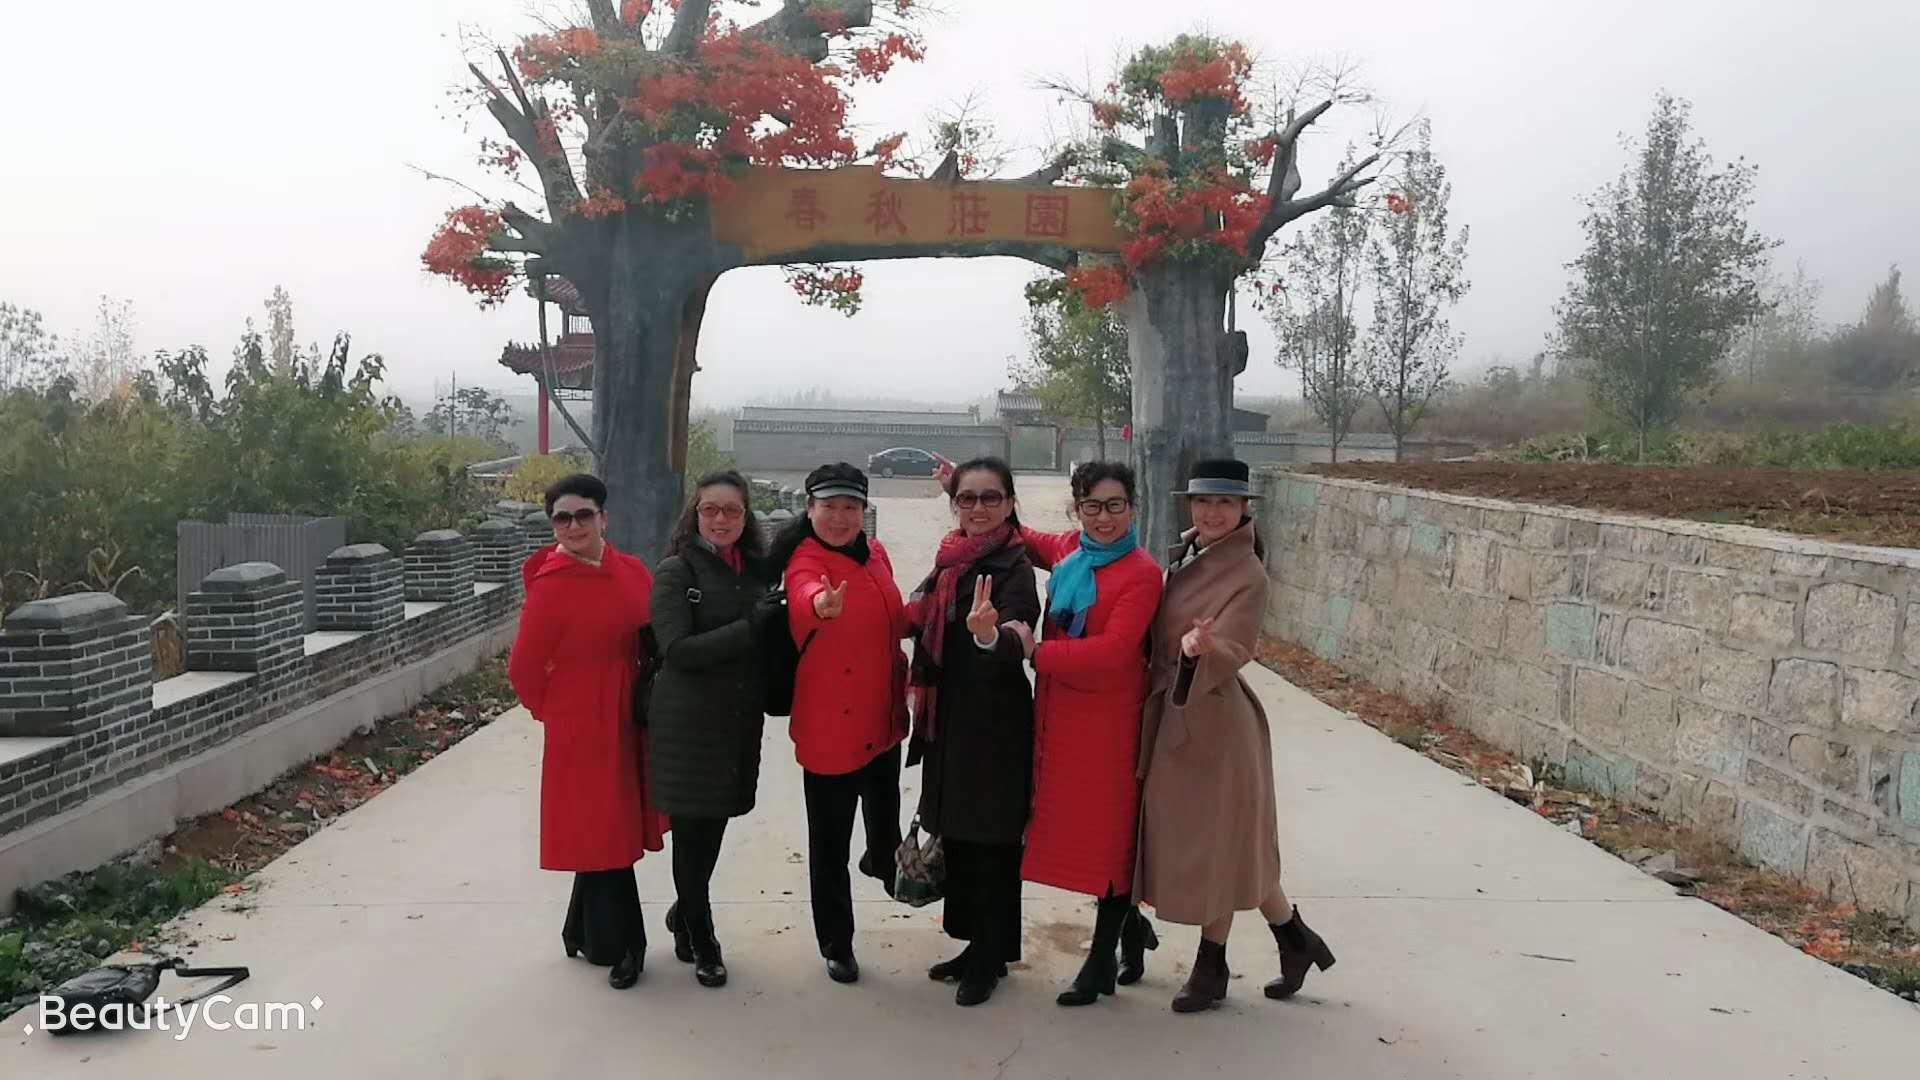 热烈欢迎连云港市场谷渠华谷总带队莅临孝行天下考察康养文旅事业